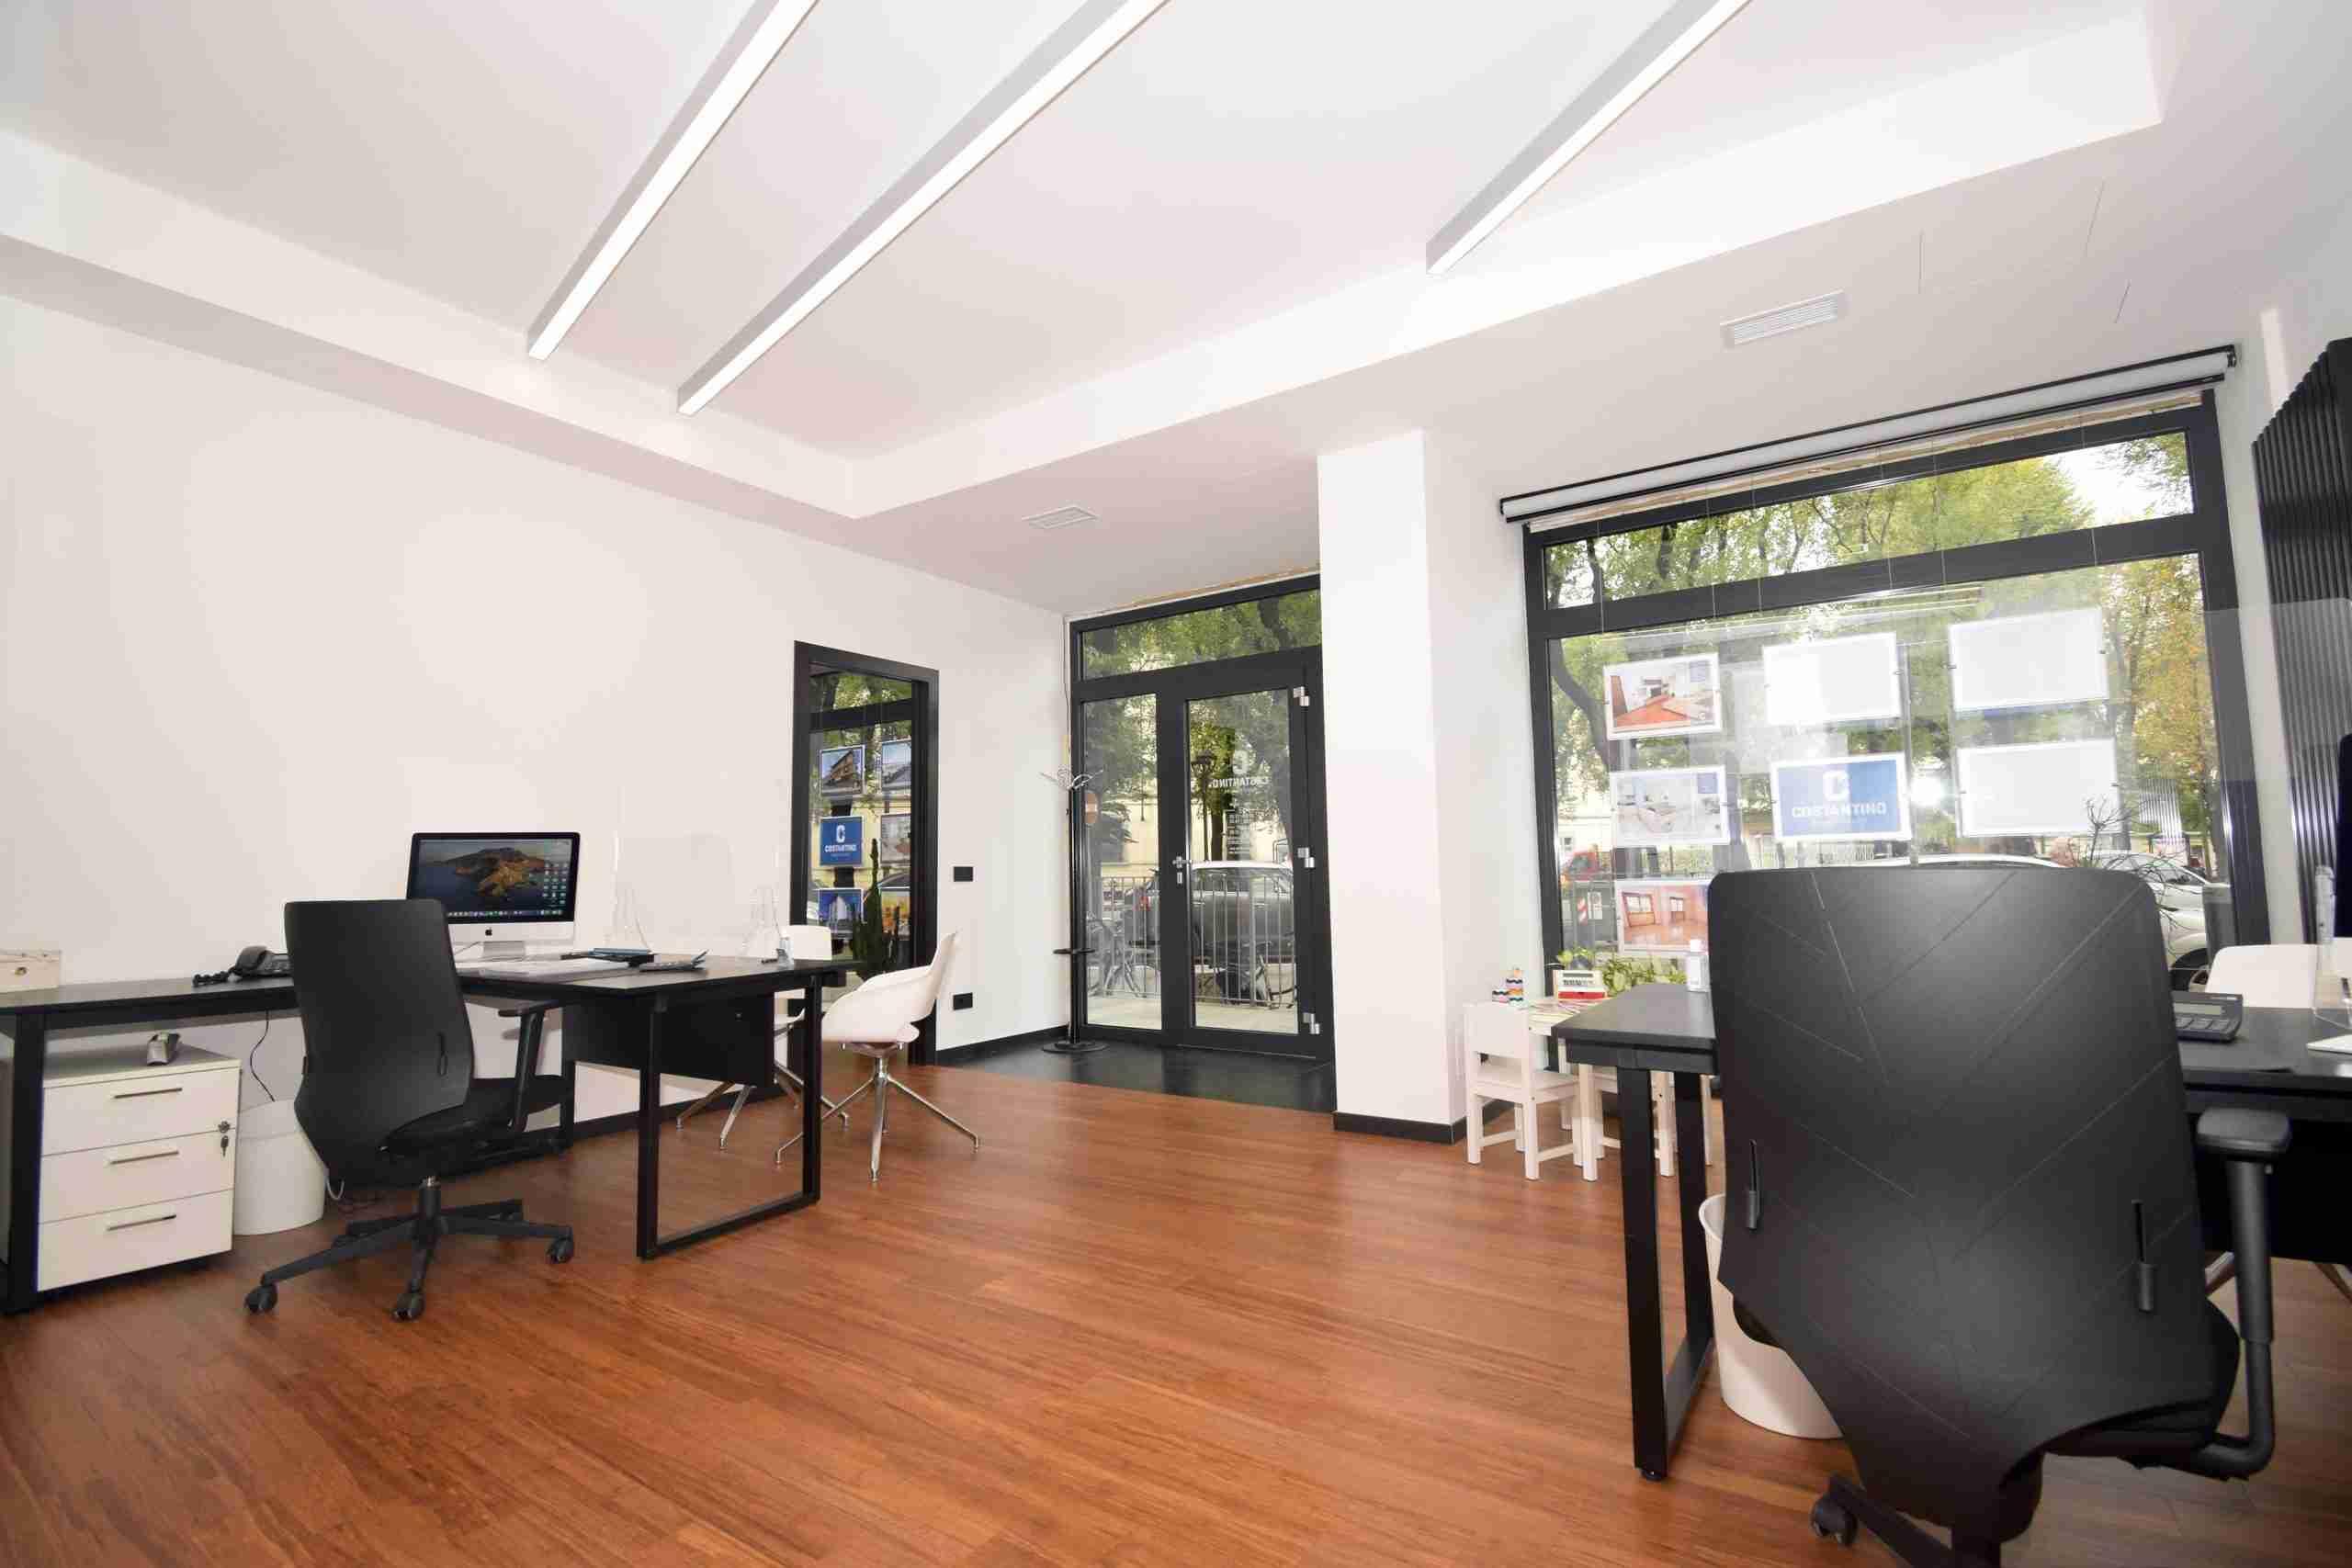 costantino-immobiliare-uffici-intermediazione-vercelli-2